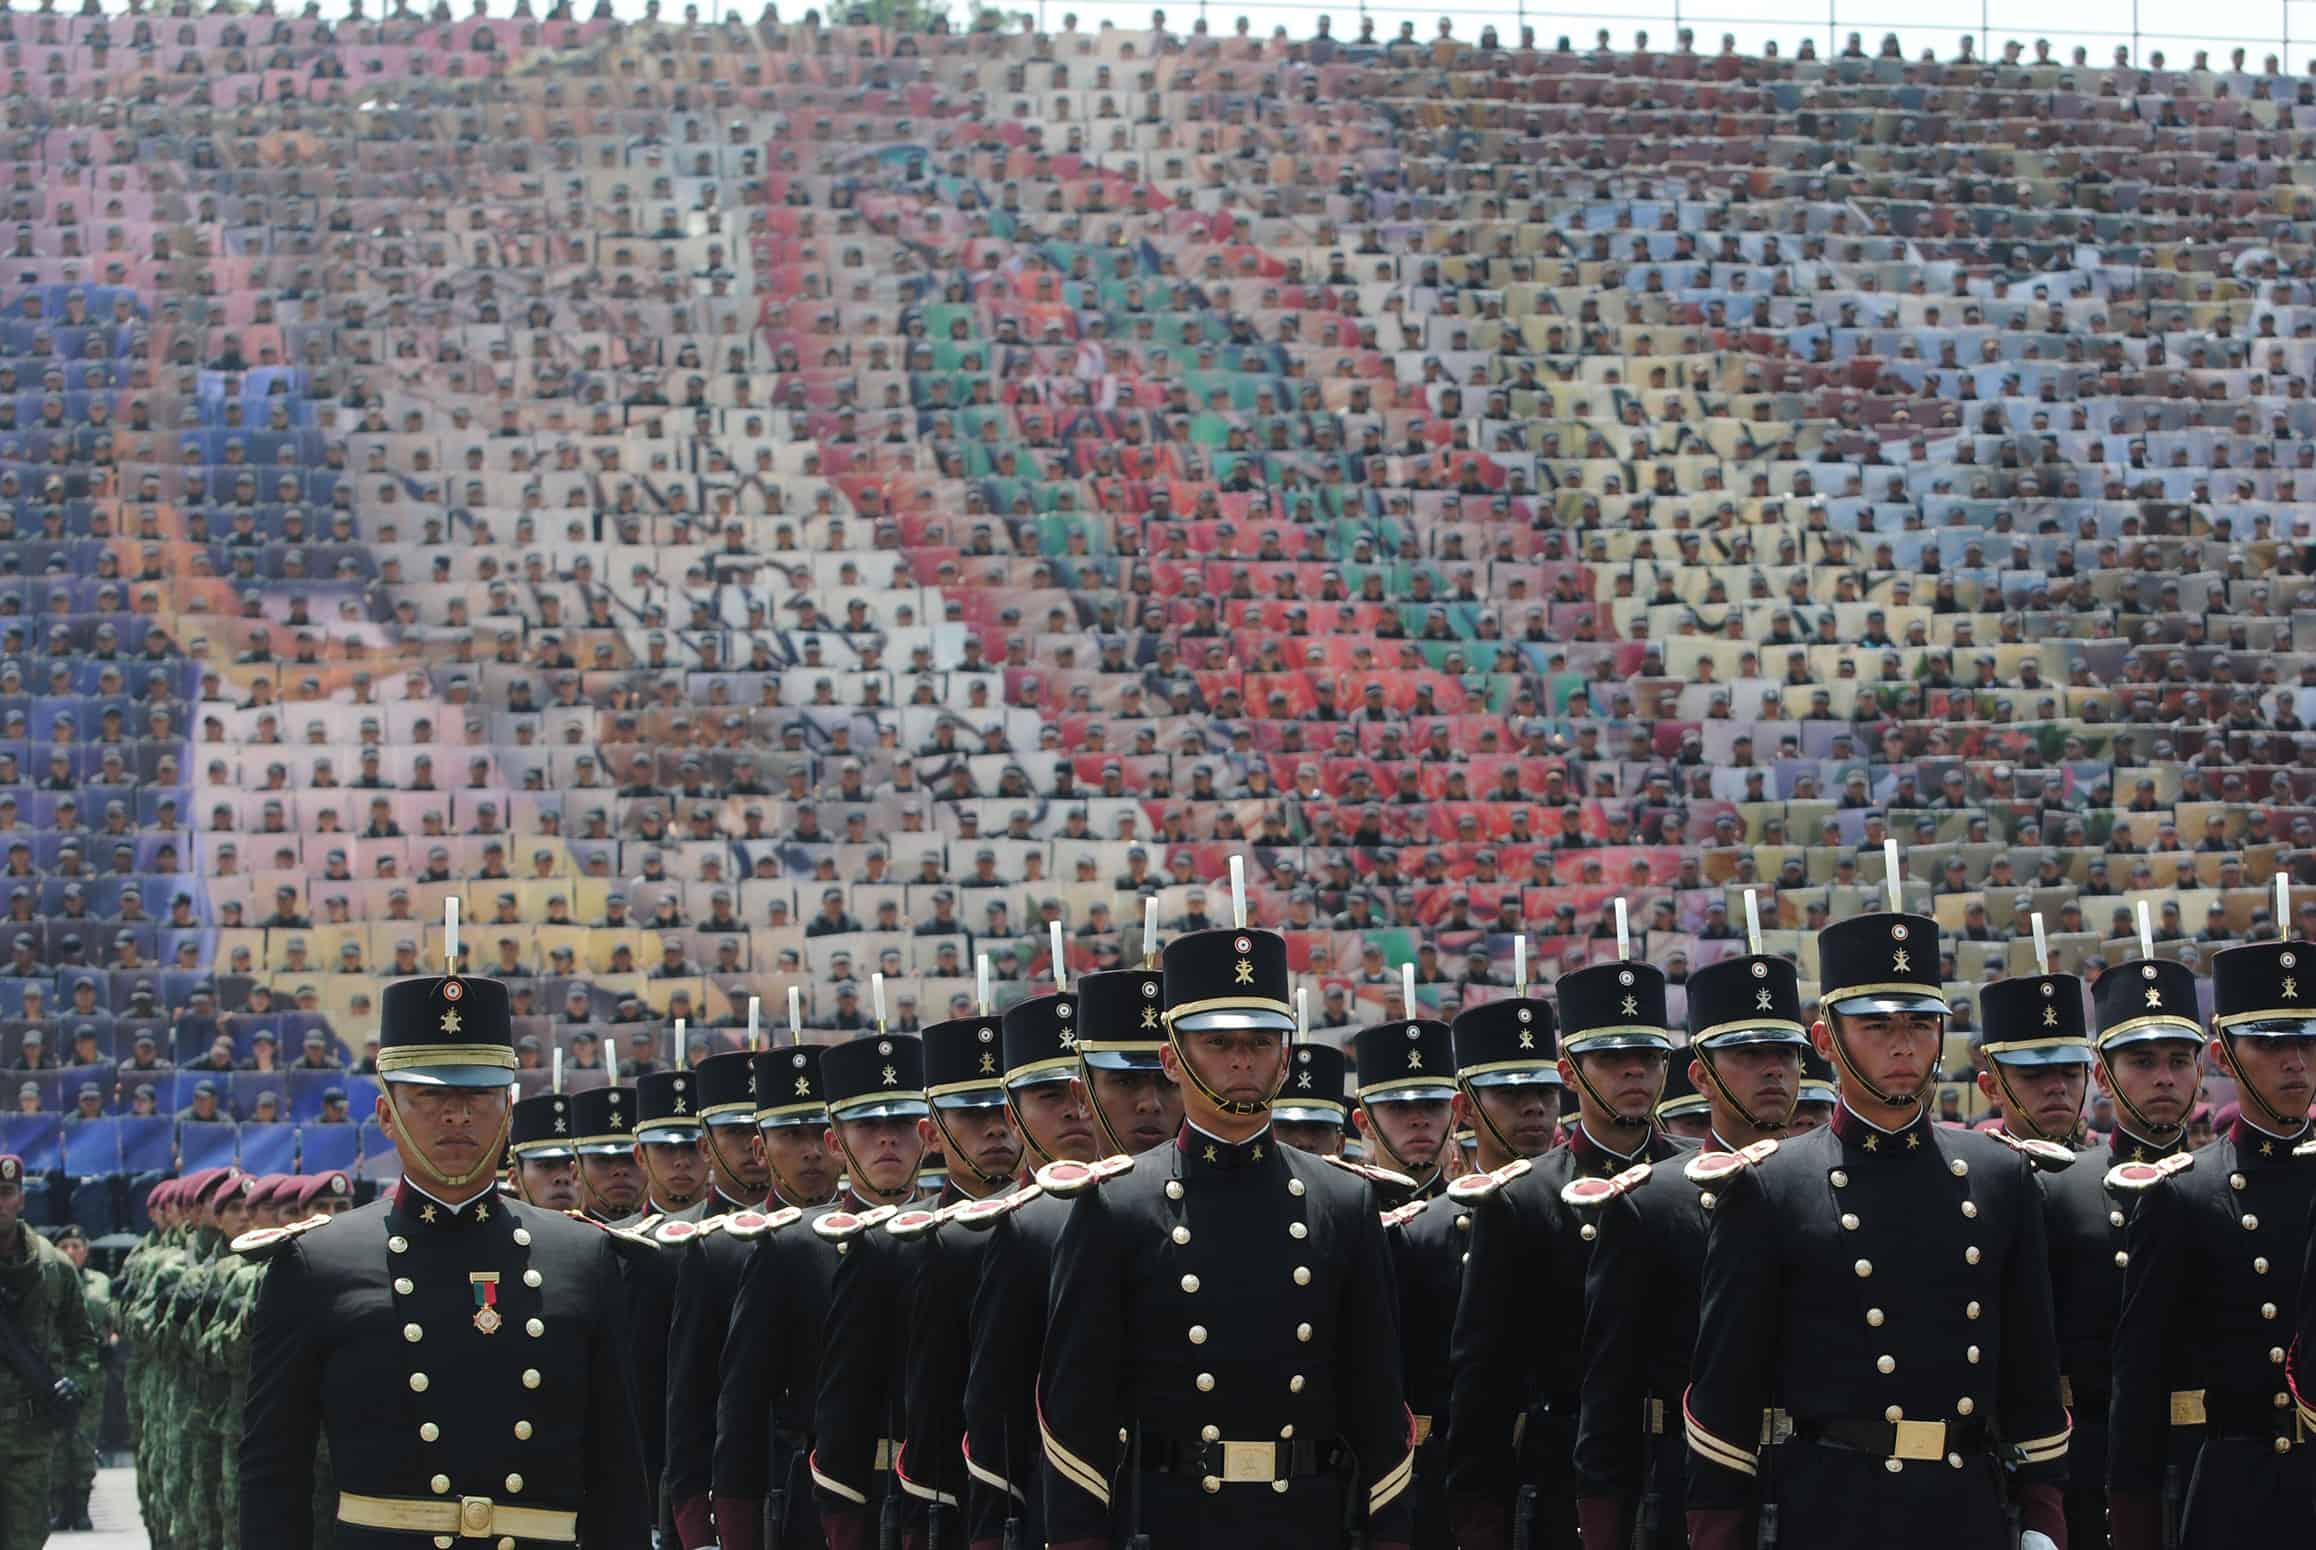 Por qué se realiza el desfile militar en la CDMX